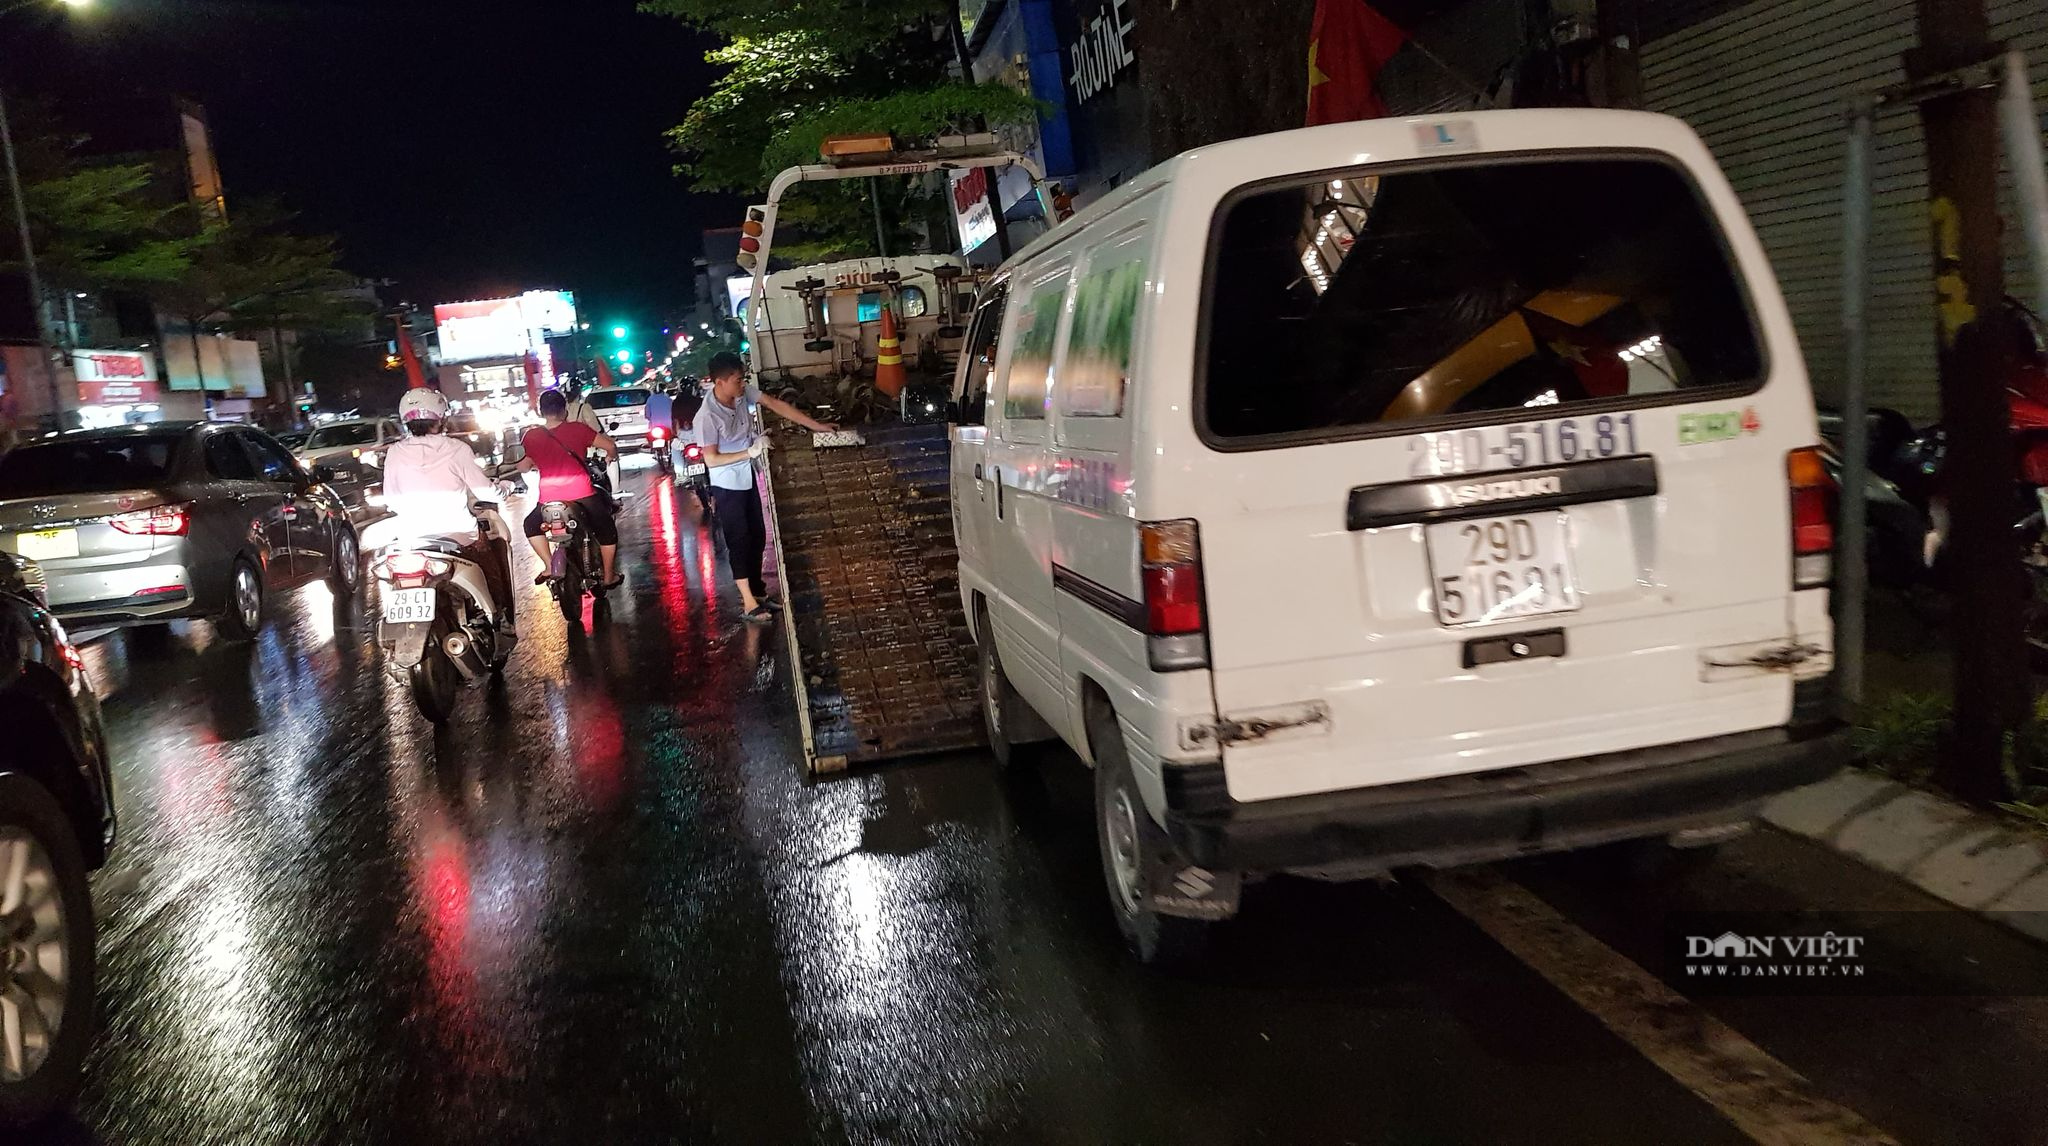 Hà Nội: Lau bugi xe sau cơn mưa lớn kiếm bộn tiền - Ảnh 10.